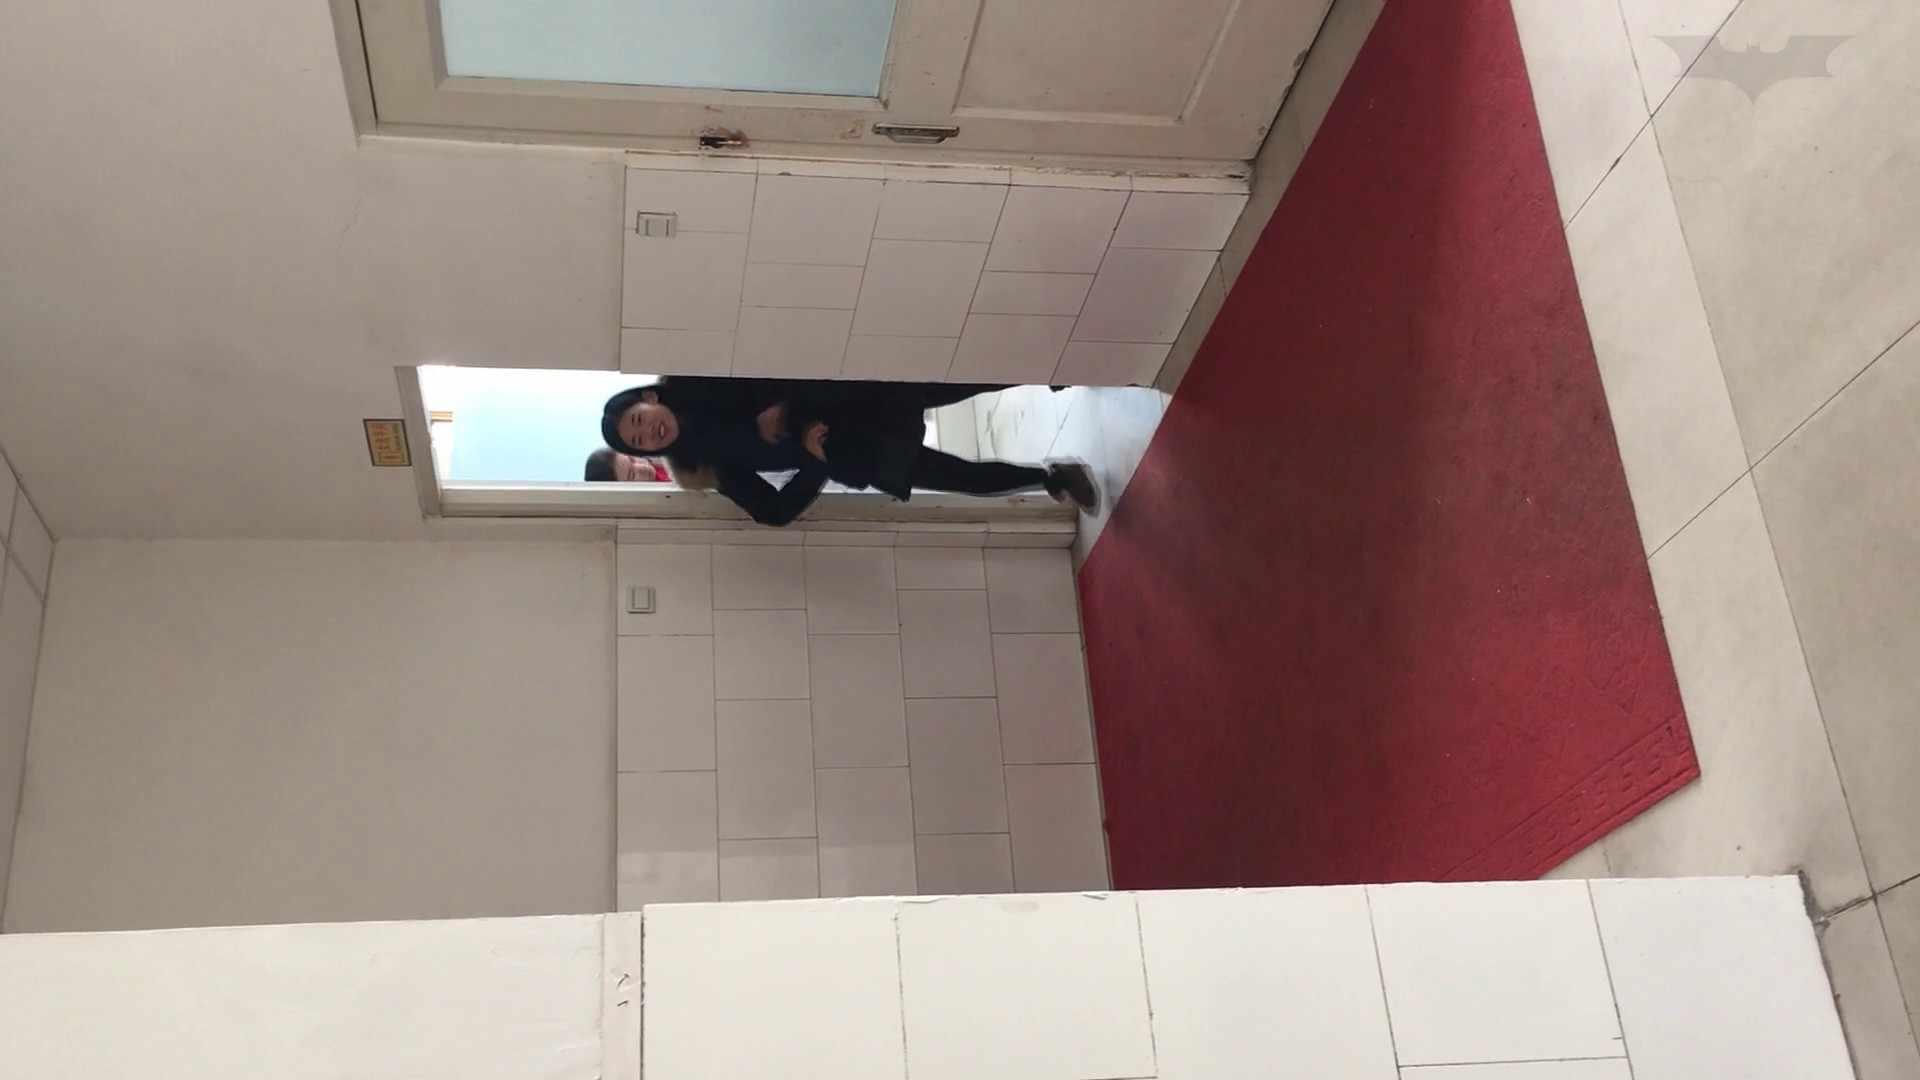 芸術大学ガチ潜入盗撮 JD盗撮 美女の洗面所の秘密 Vol.91 盗撮 | 高画質  97画像 88